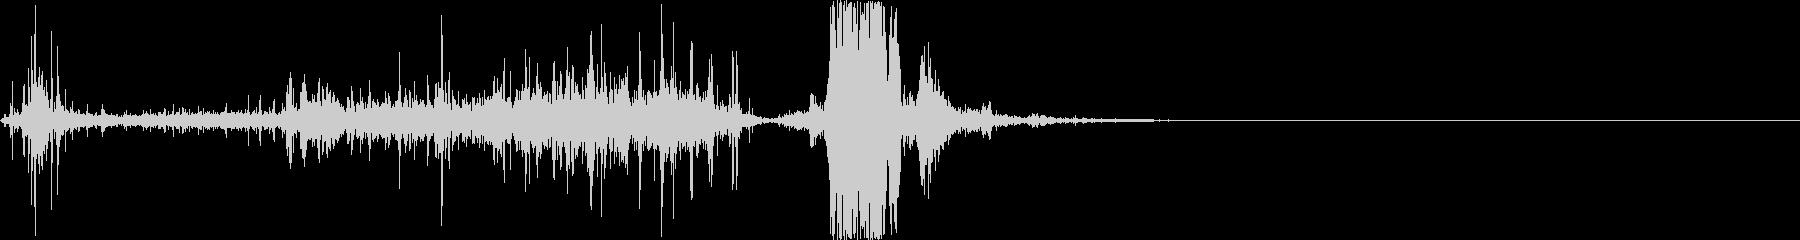 弓矢を放つ音の未再生の波形